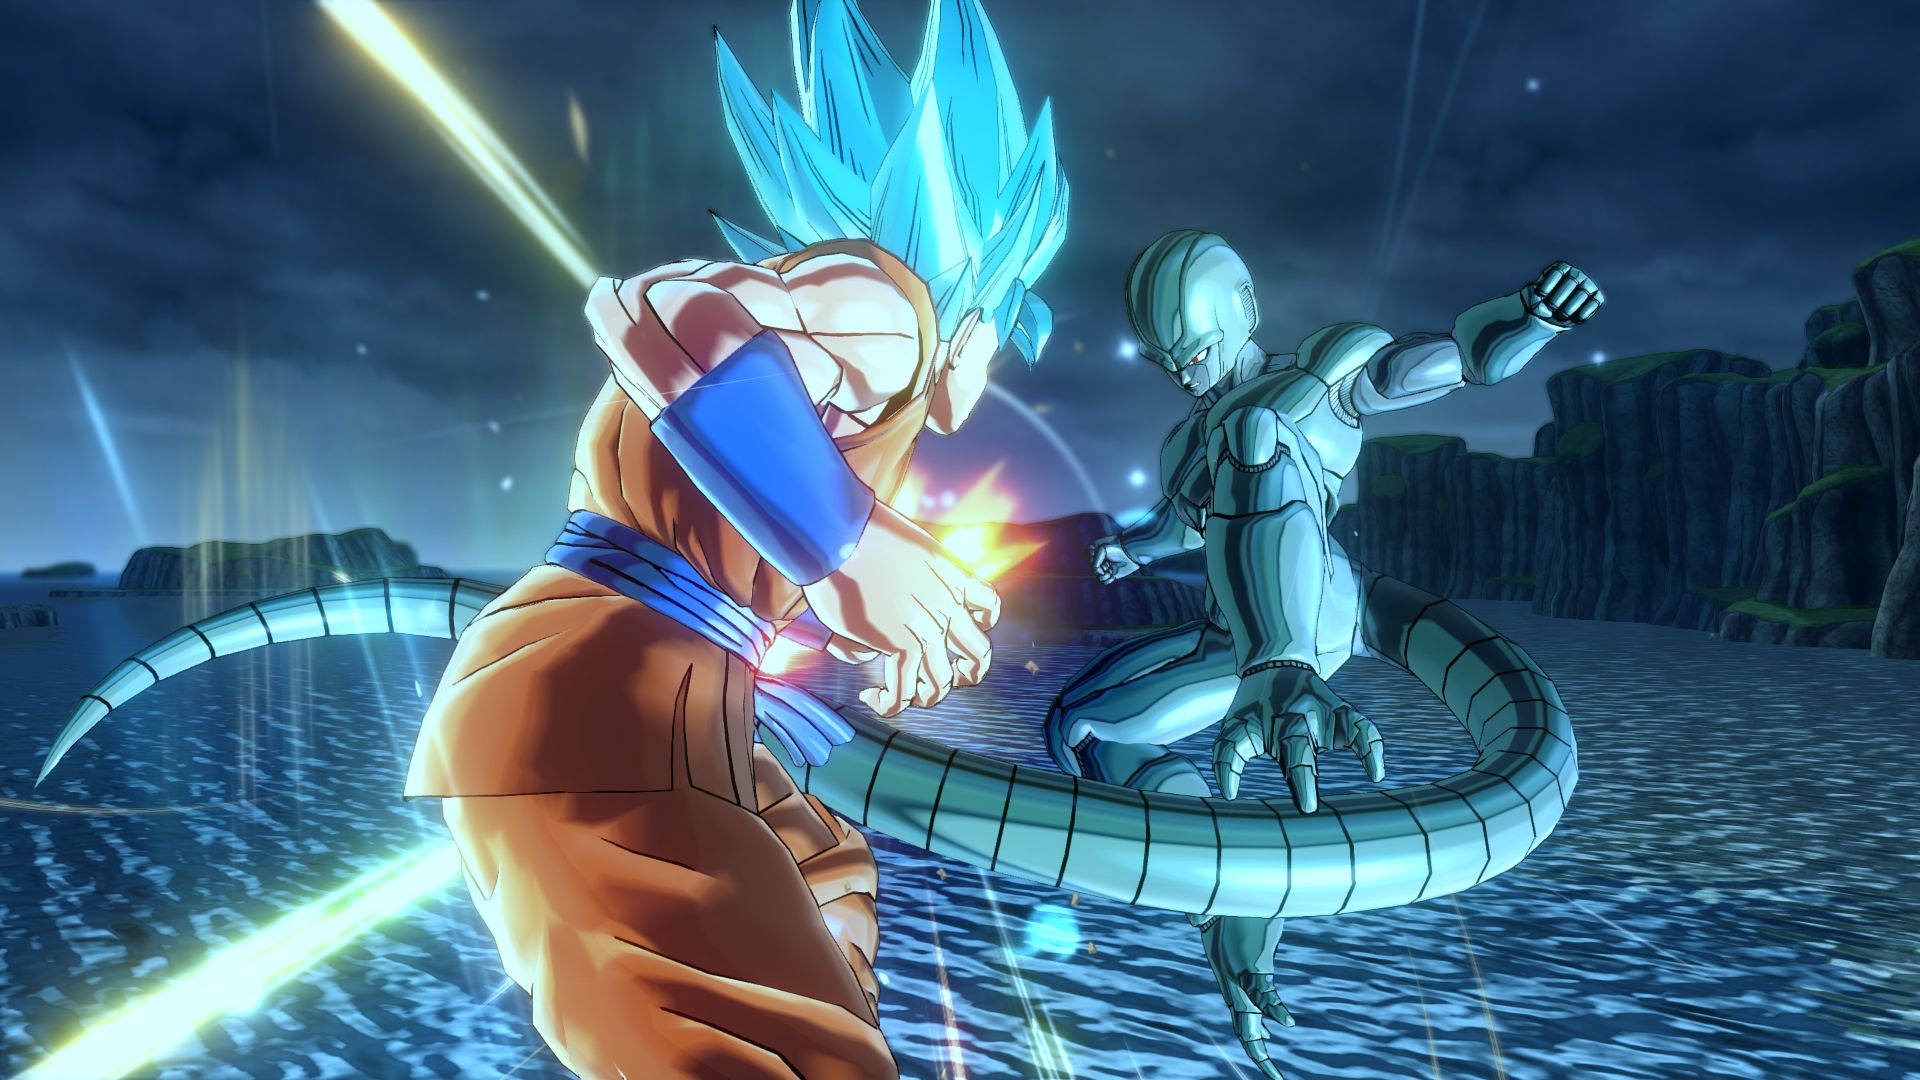 Xenoverse 2 Doyen Meilleur De Photos Ps4] Test De Dragon Ball Xenoverse 2 Excellent